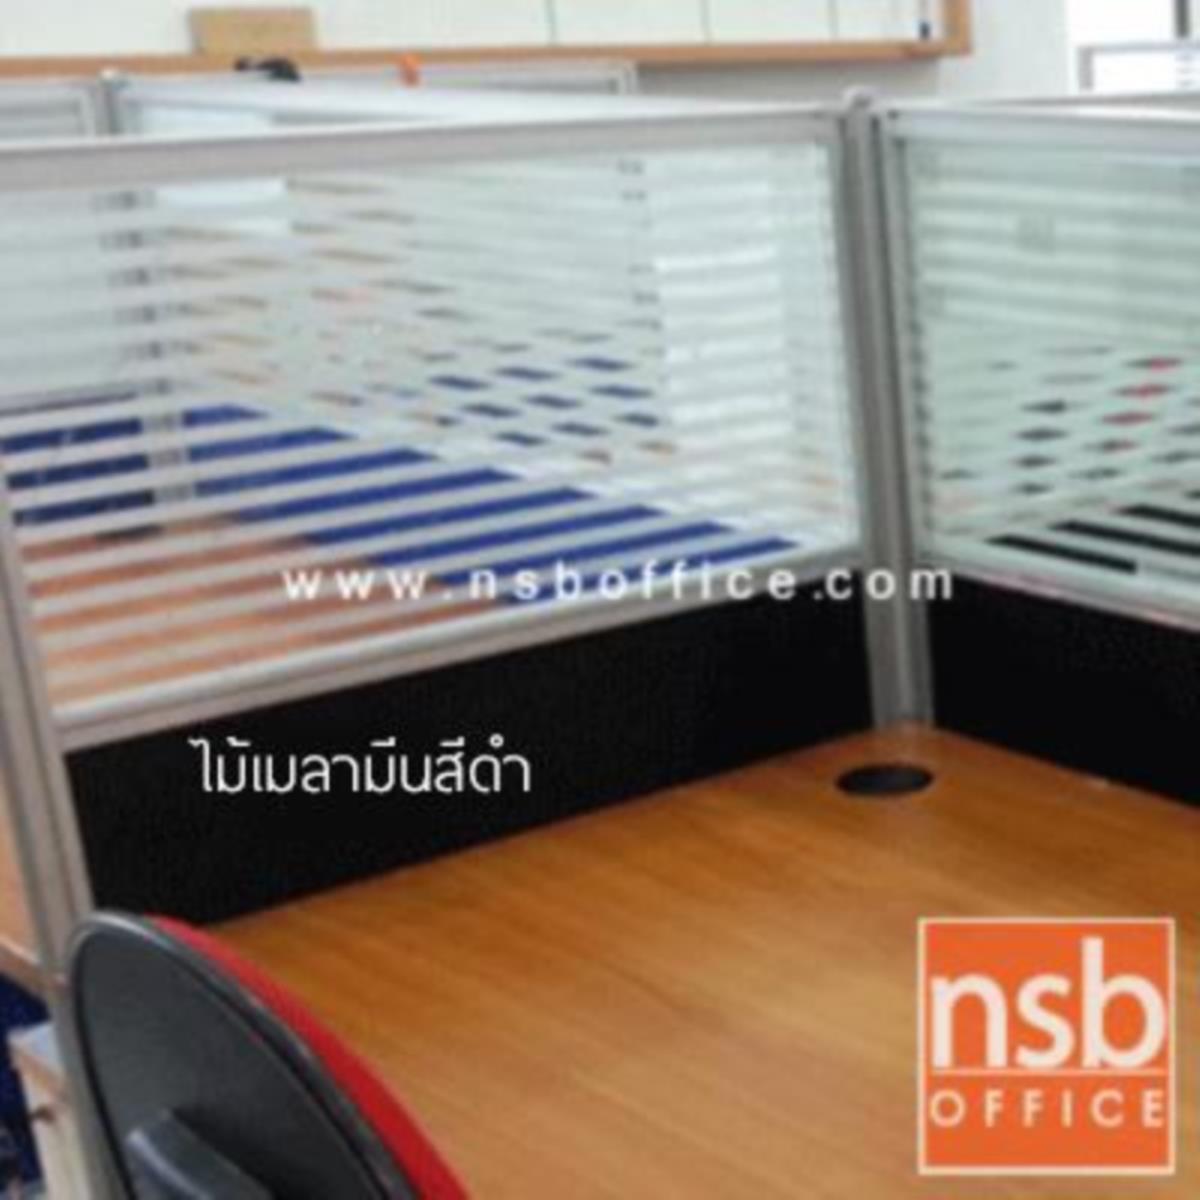 ชุดโต๊ะทำงานกลุ่มตัวแอล 3 ที่นั่ง   ขนาดรวม 458W*124D cm. พร้อมพาร์ทิชั่นครึ่งกระจกขัดลาย